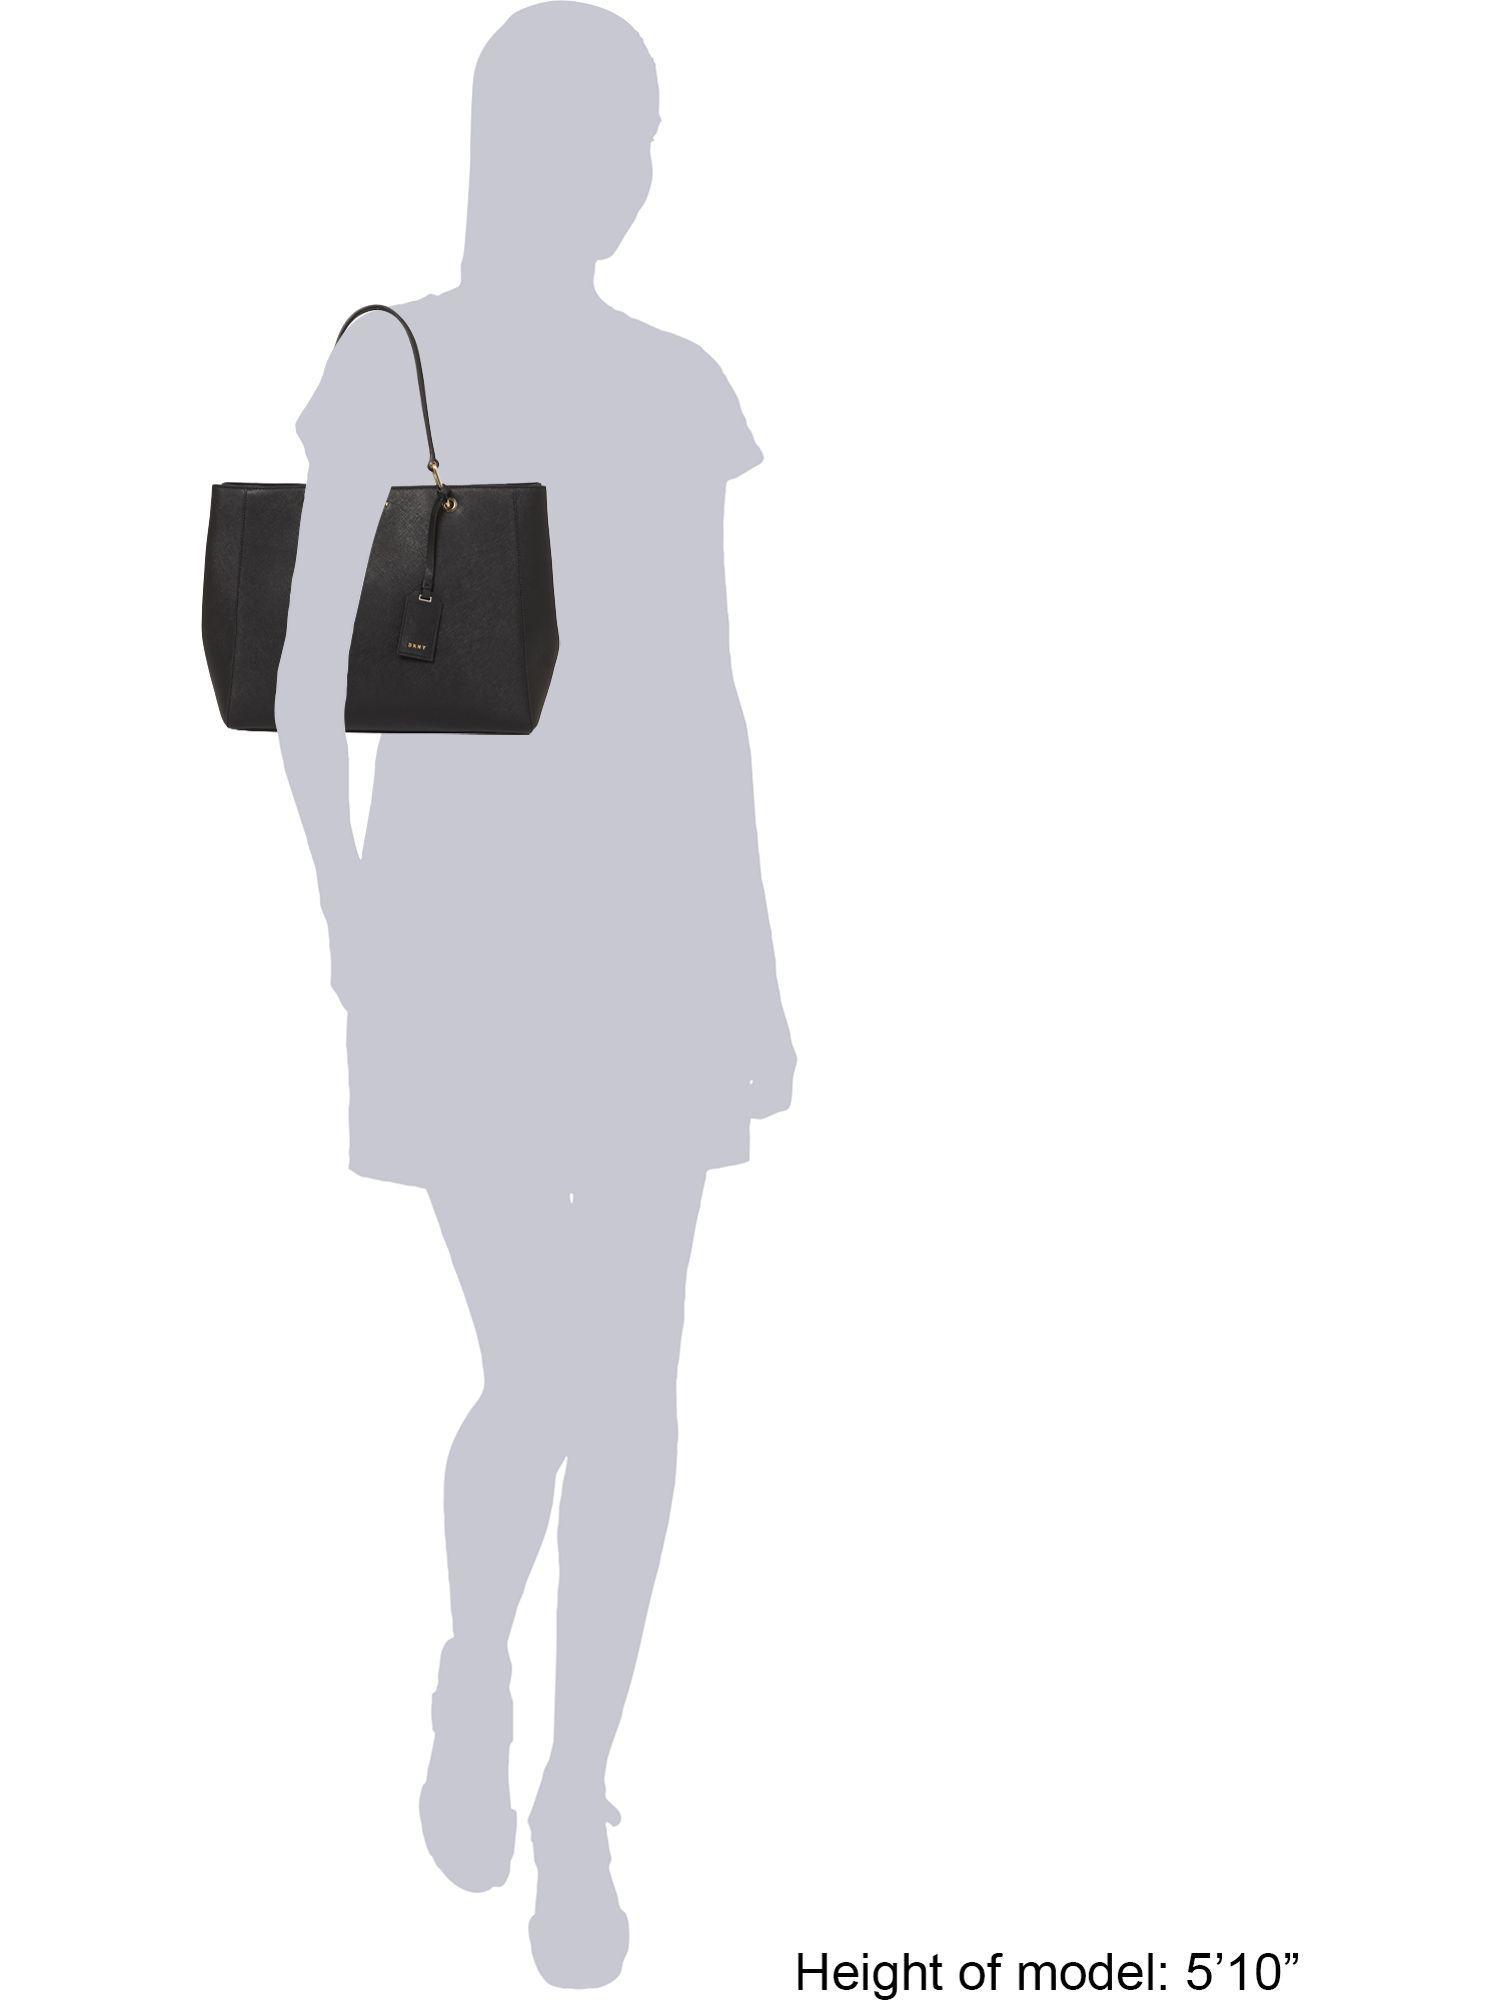 DKNY Leather Saffiano Black Tote Shoulder Bag